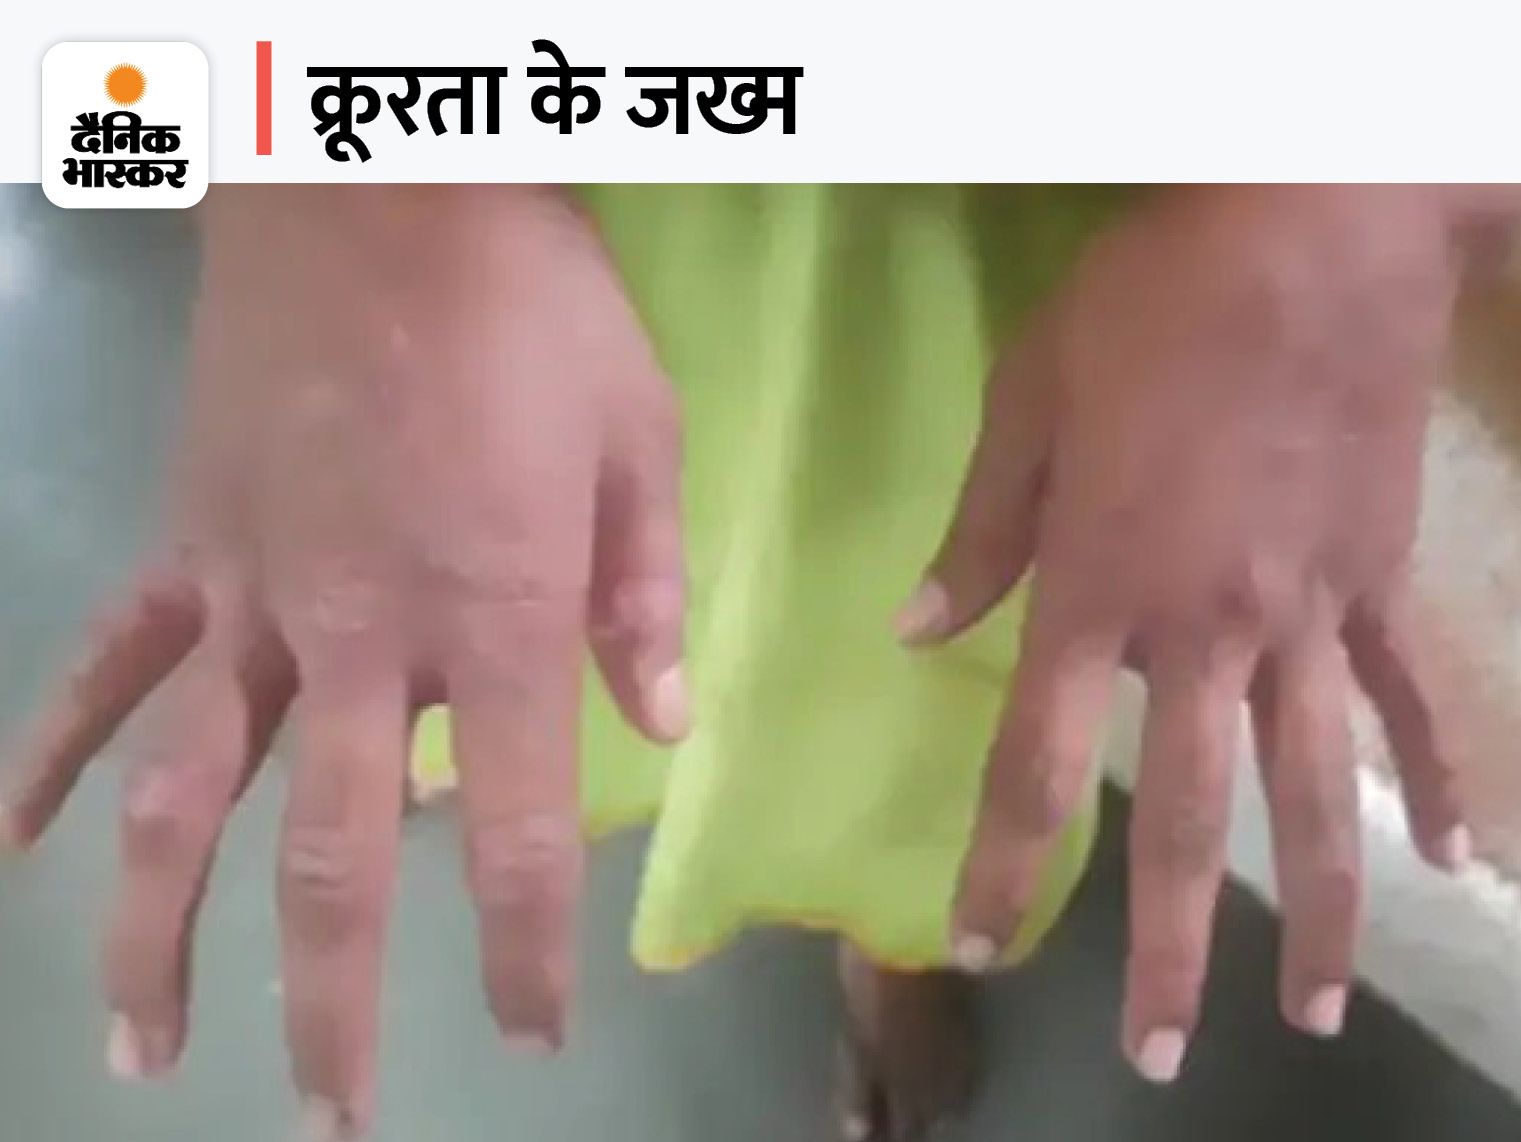 15 साल की लड़की को 6 साल पहले बिहार से लेकर आई थी पत्नी, बंधक बना काम करवाते रहे; हाथ झुलसेमिले|कोटा,Kota - Dainik Bhaskar